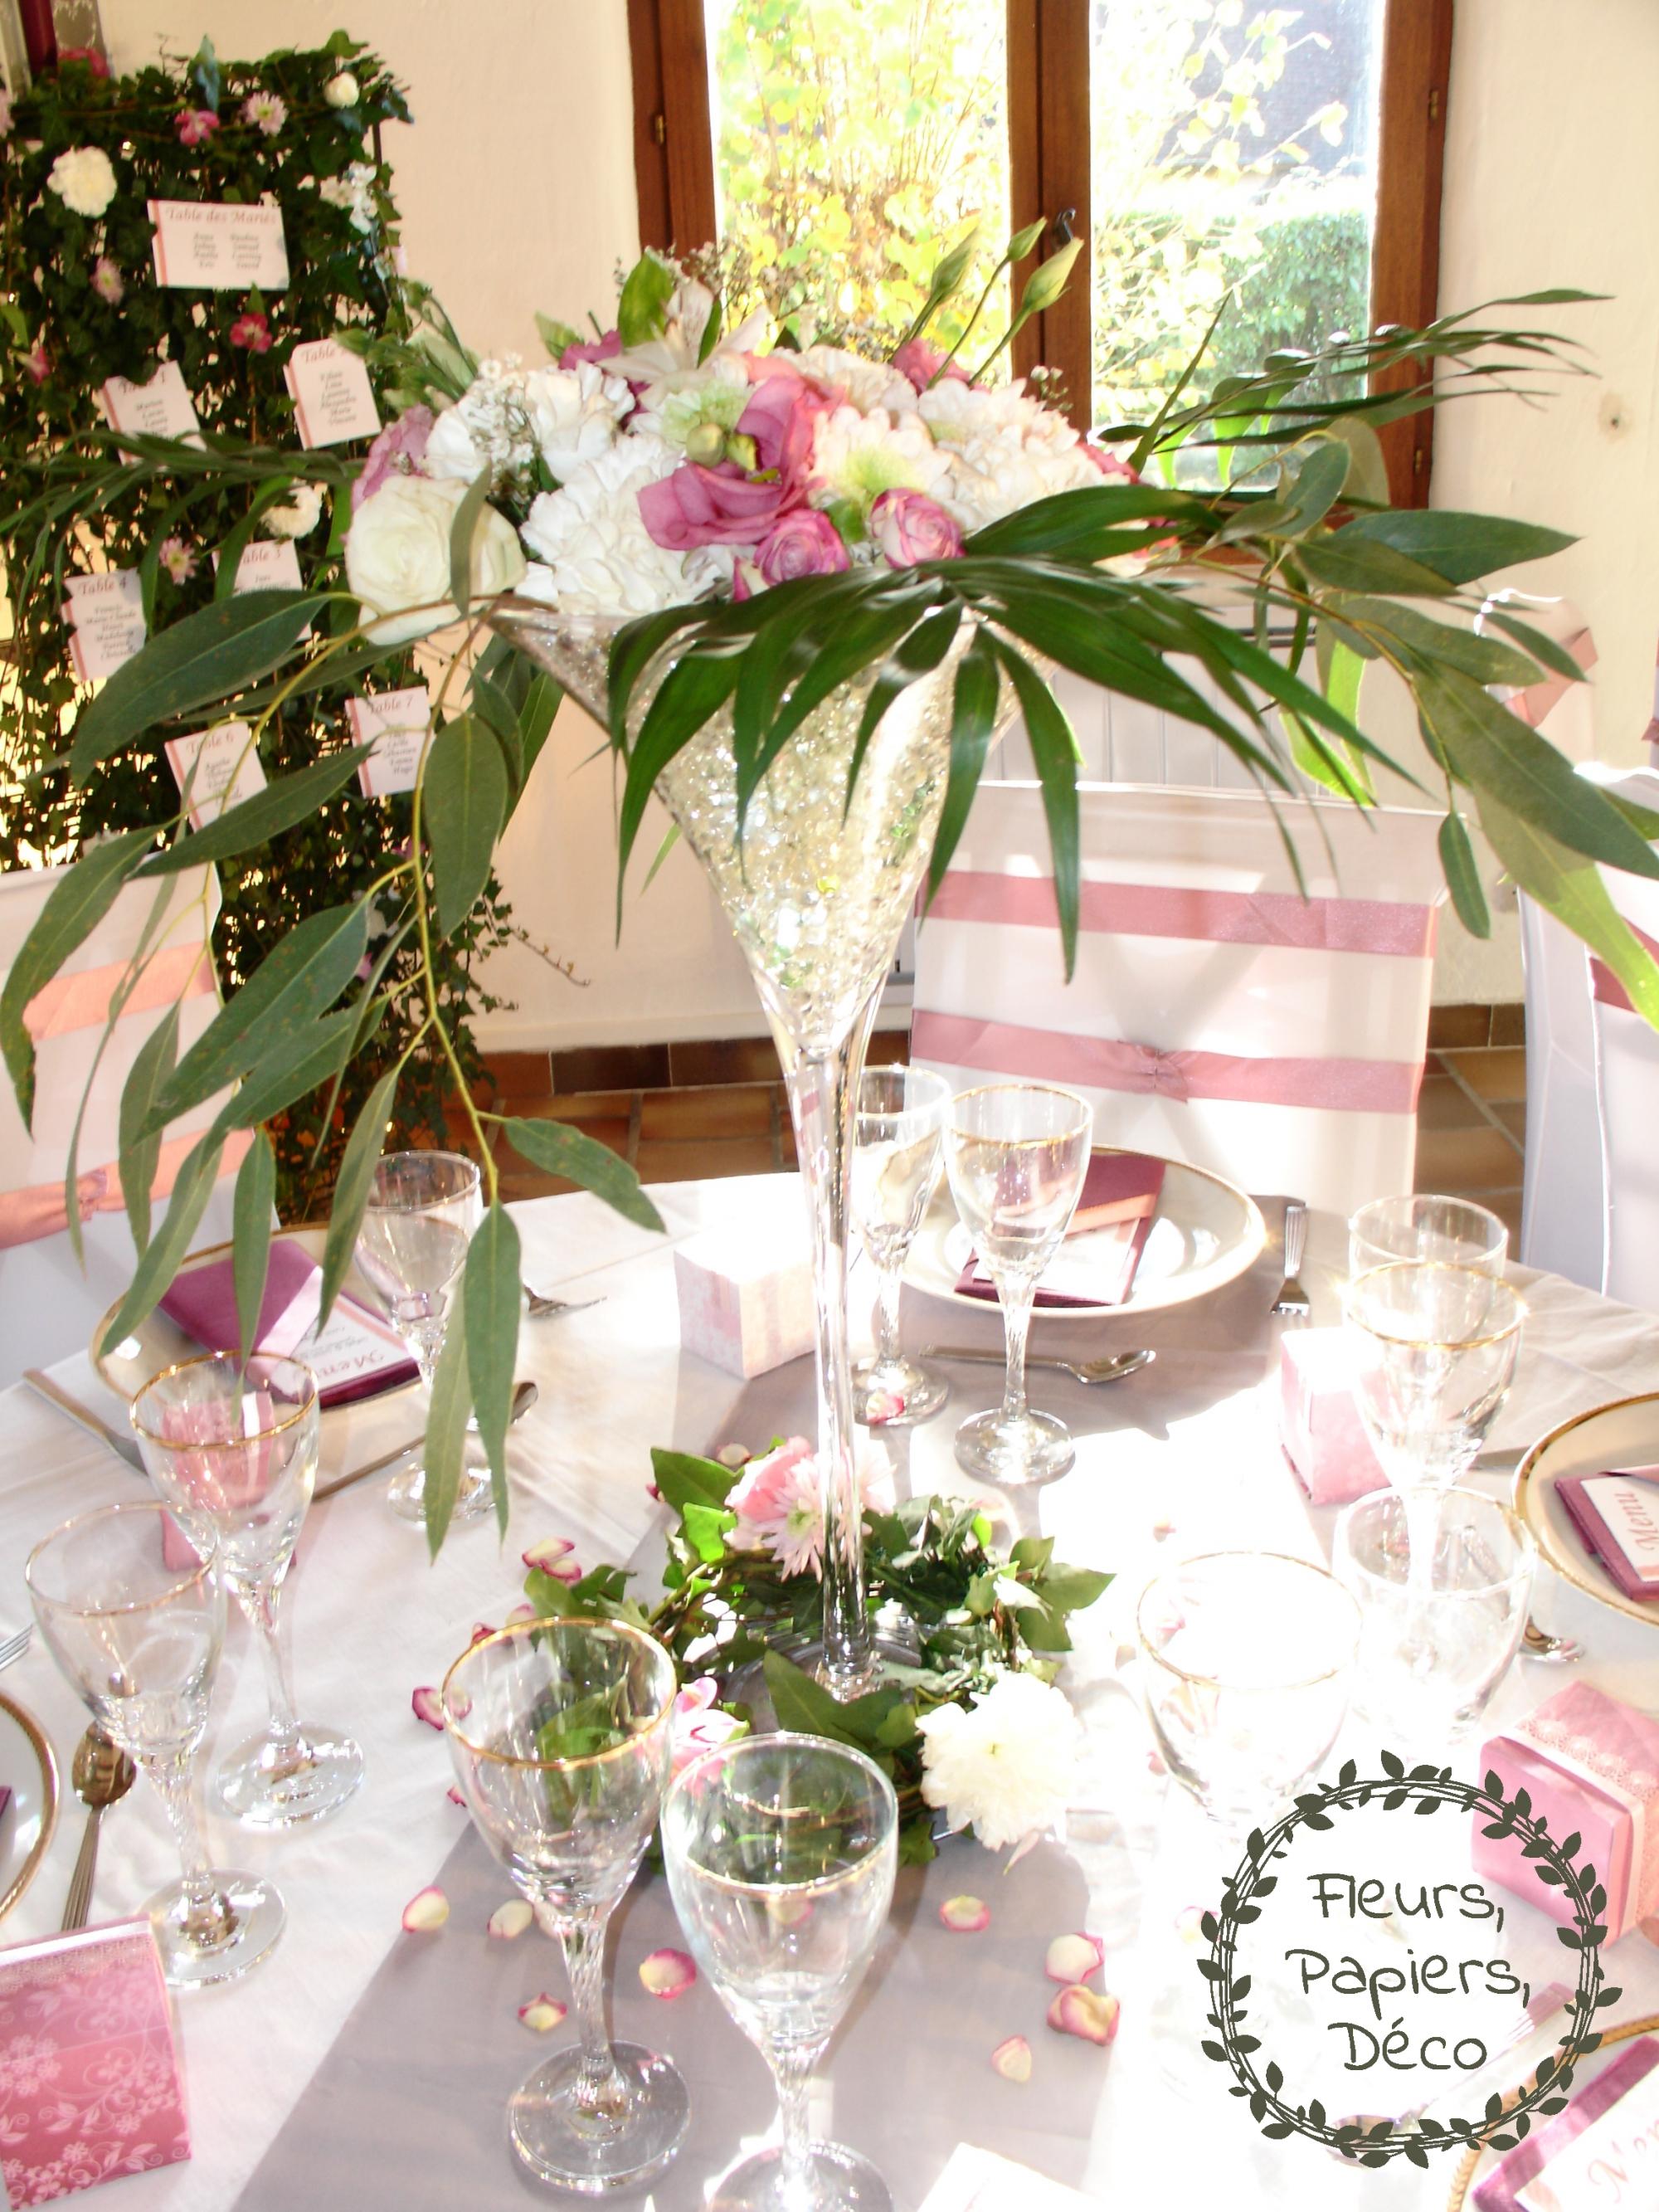 fleurs papiers d co fleuriste mariage haute garonne 31 villemur sur tarn les. Black Bedroom Furniture Sets. Home Design Ideas